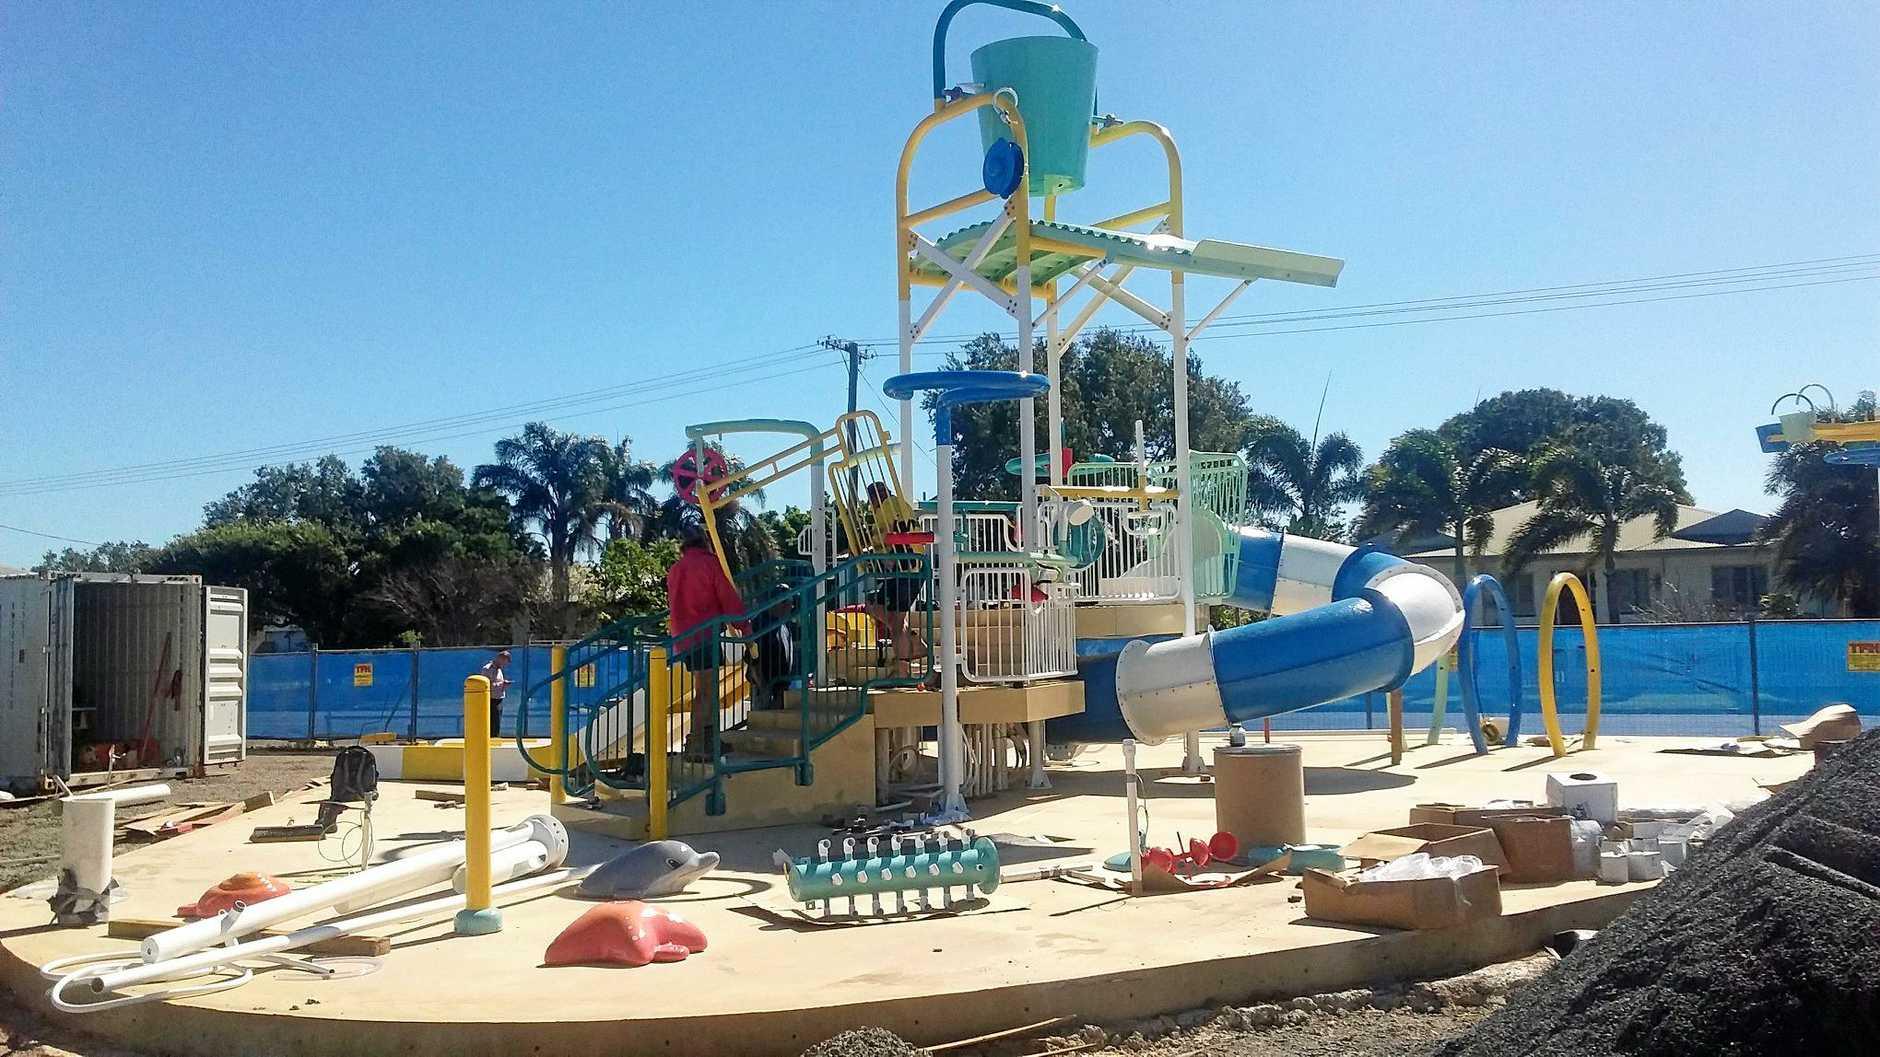 The Proserpine water park was vandalised at the weekend.